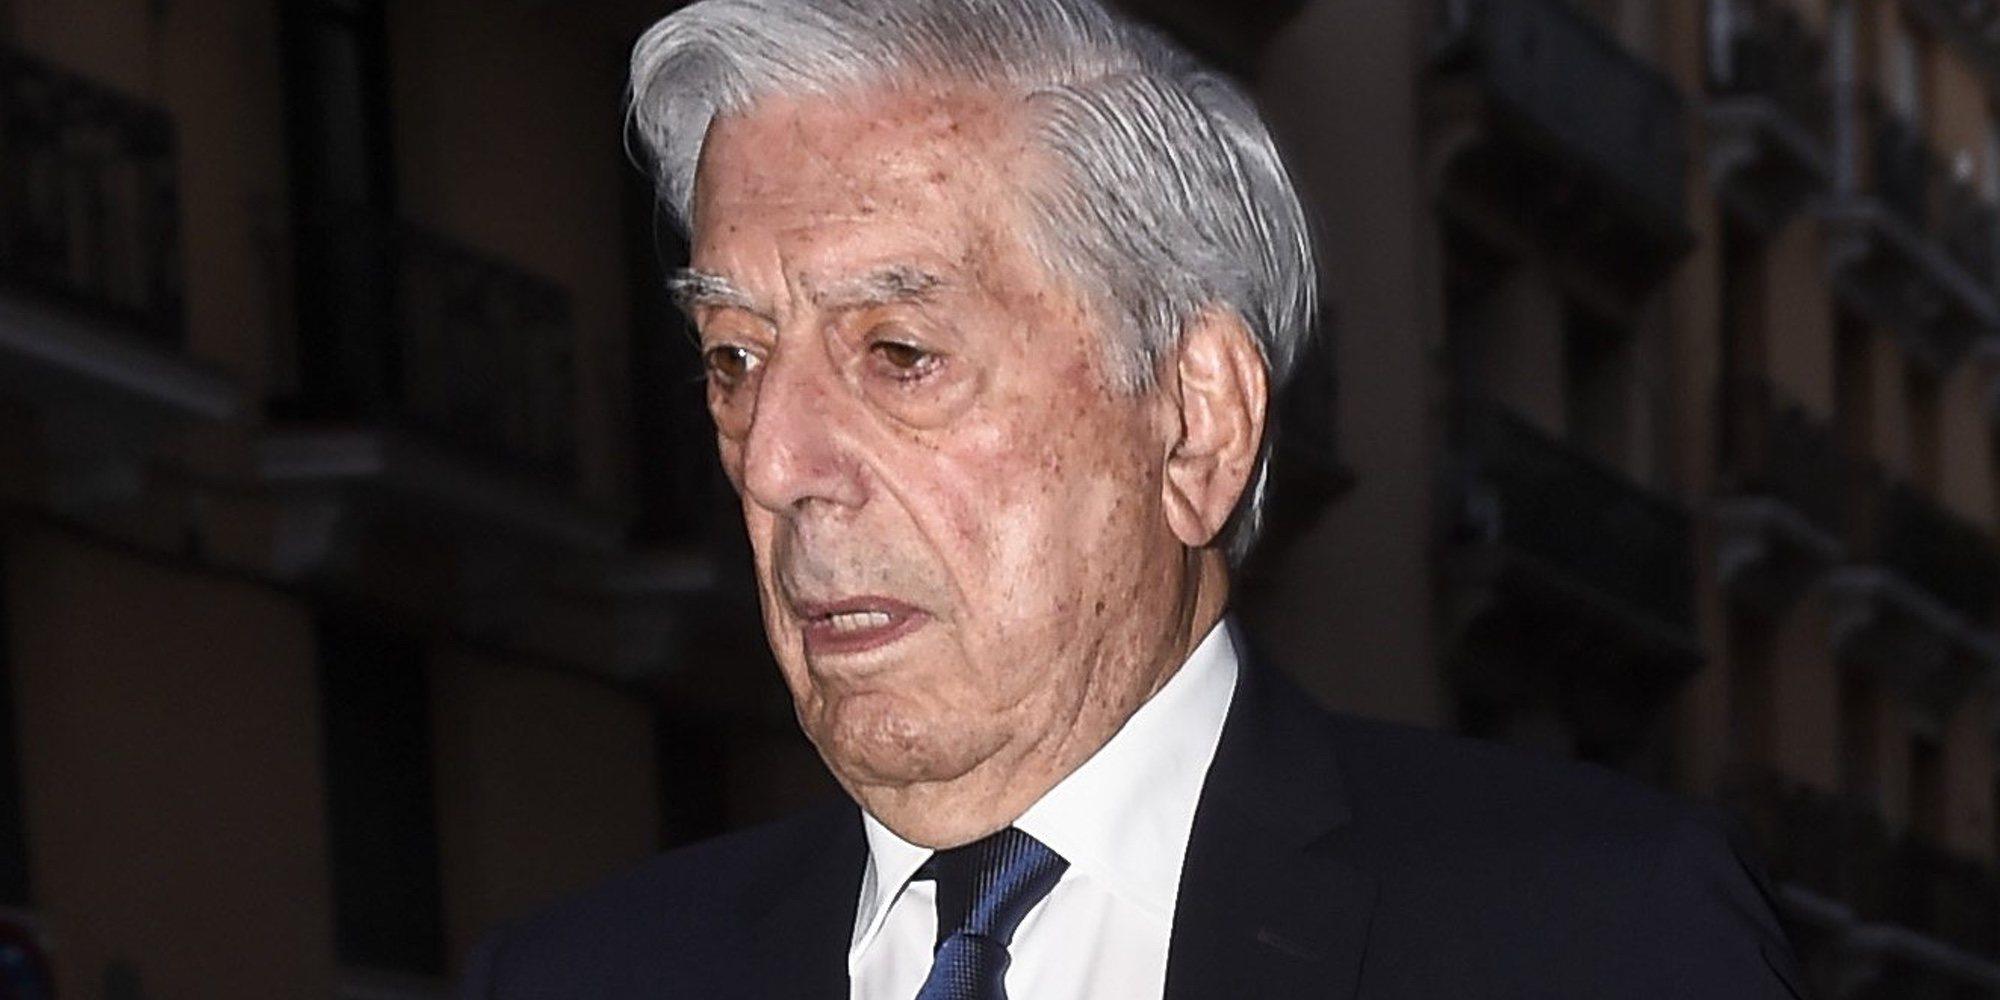 Hacienda reclama a Mario Vargas Llosa más de 2 millones de euros